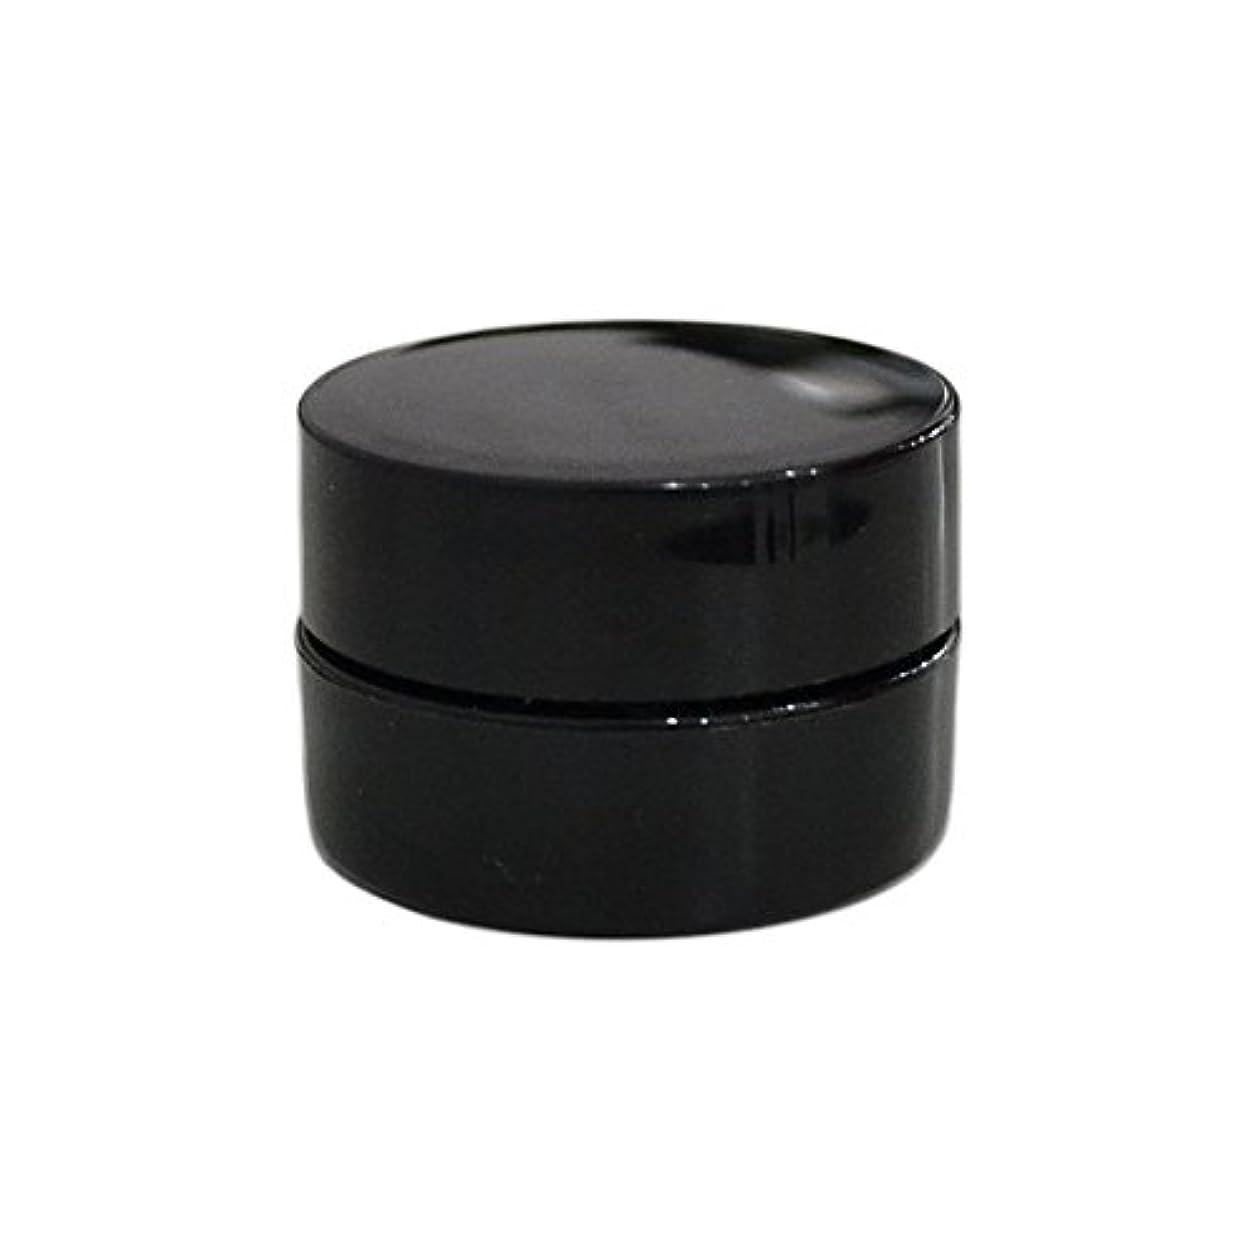 かなり原理欲しいです純国産ネイルジェルコンテナ 3g用 GA3g 漏れ防止パッキン&ブラシプレート付容器 ジェルを無駄なく使える底面傾斜あり 遮光 黒 ブラック